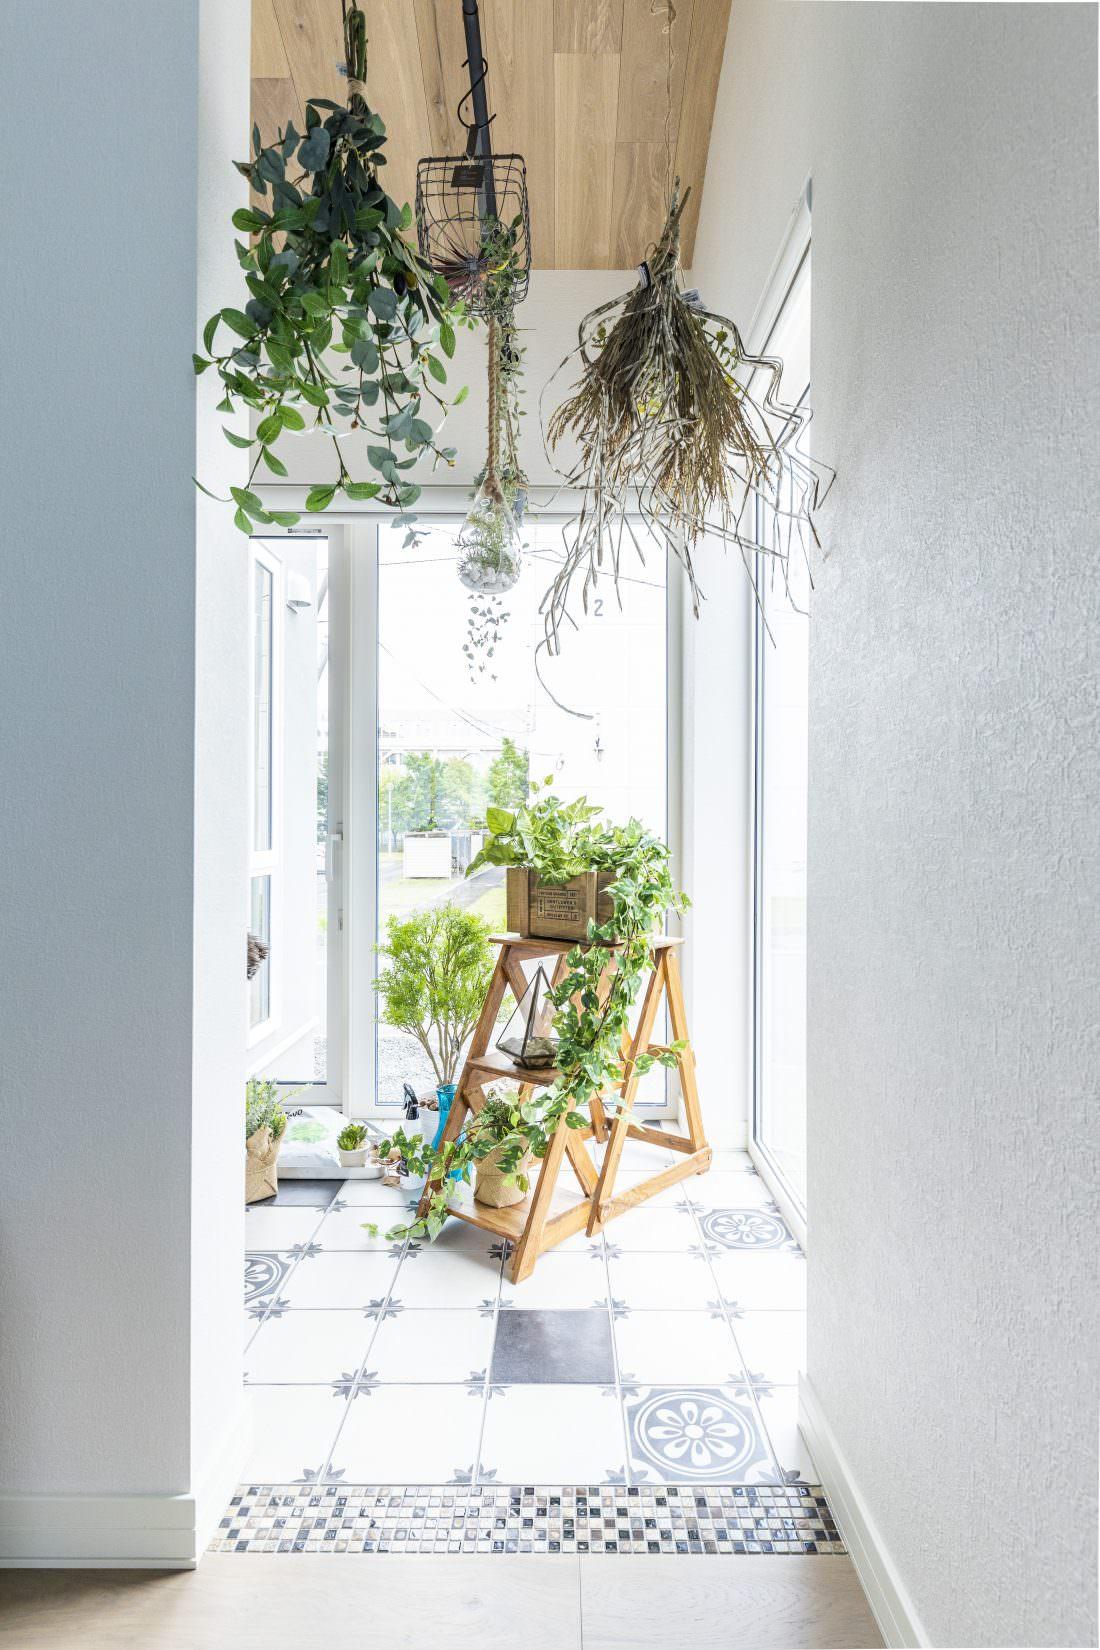 スワッグを吊るしたグリーンと花のある暮らし